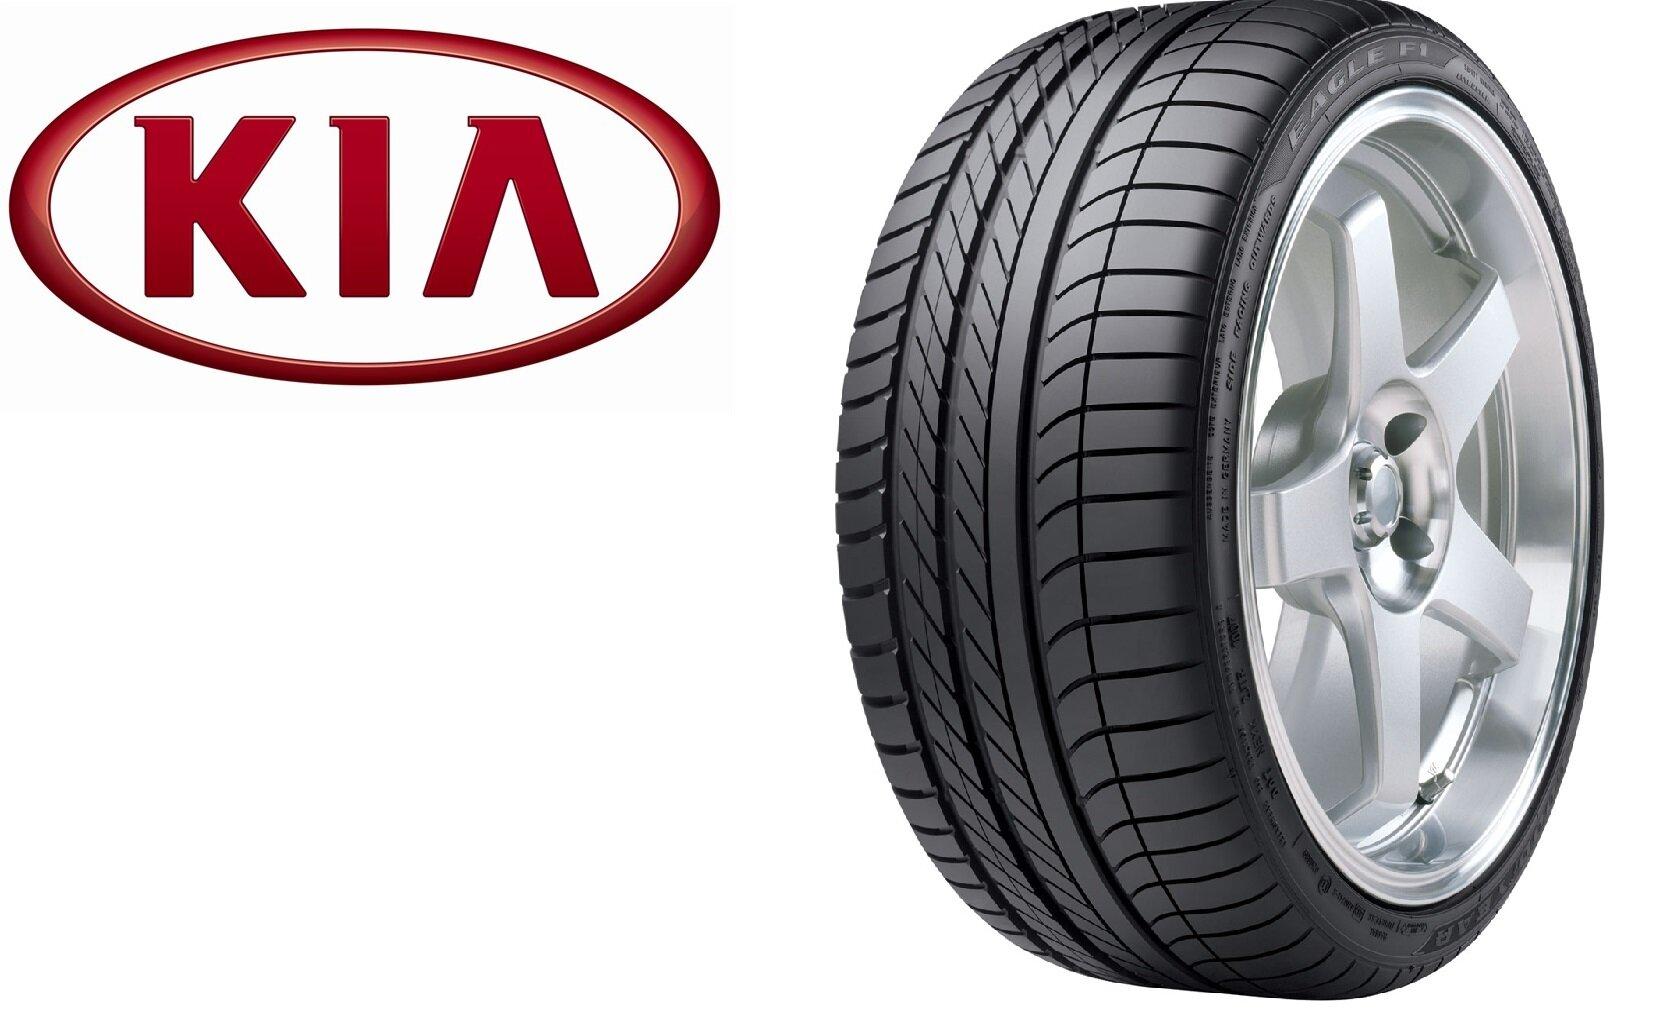 Bảng giá các loại lốp dành cho ô tô Kia cập nhật thị trường tháng 2/2016